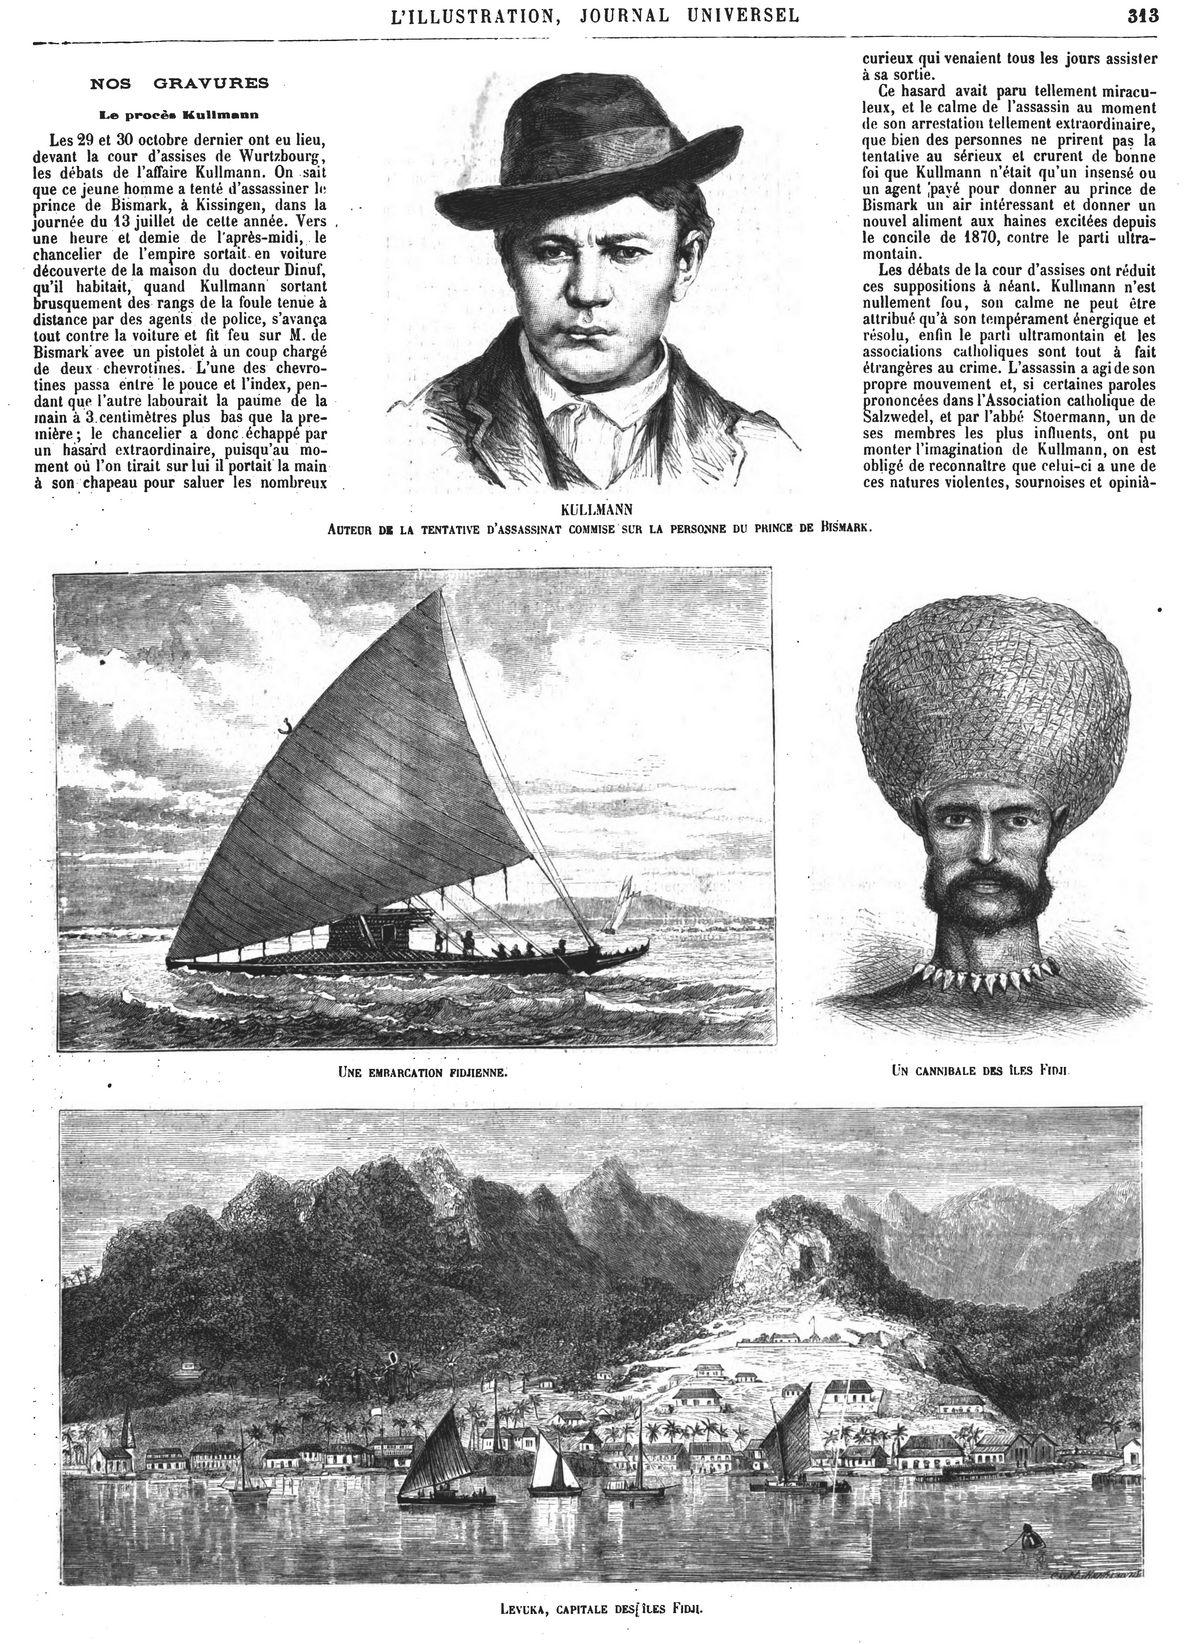 Kullmann, auteur de la tentative d'assassinat commise sur la personne du prince de Bismark. Gravures 1874 — Une embarcation fidjienne; Gravures 1874 — Un cannibale des iles Fidji; Gravures 1874 — Levuka, capitale des îles Fidji. Gravures 1874